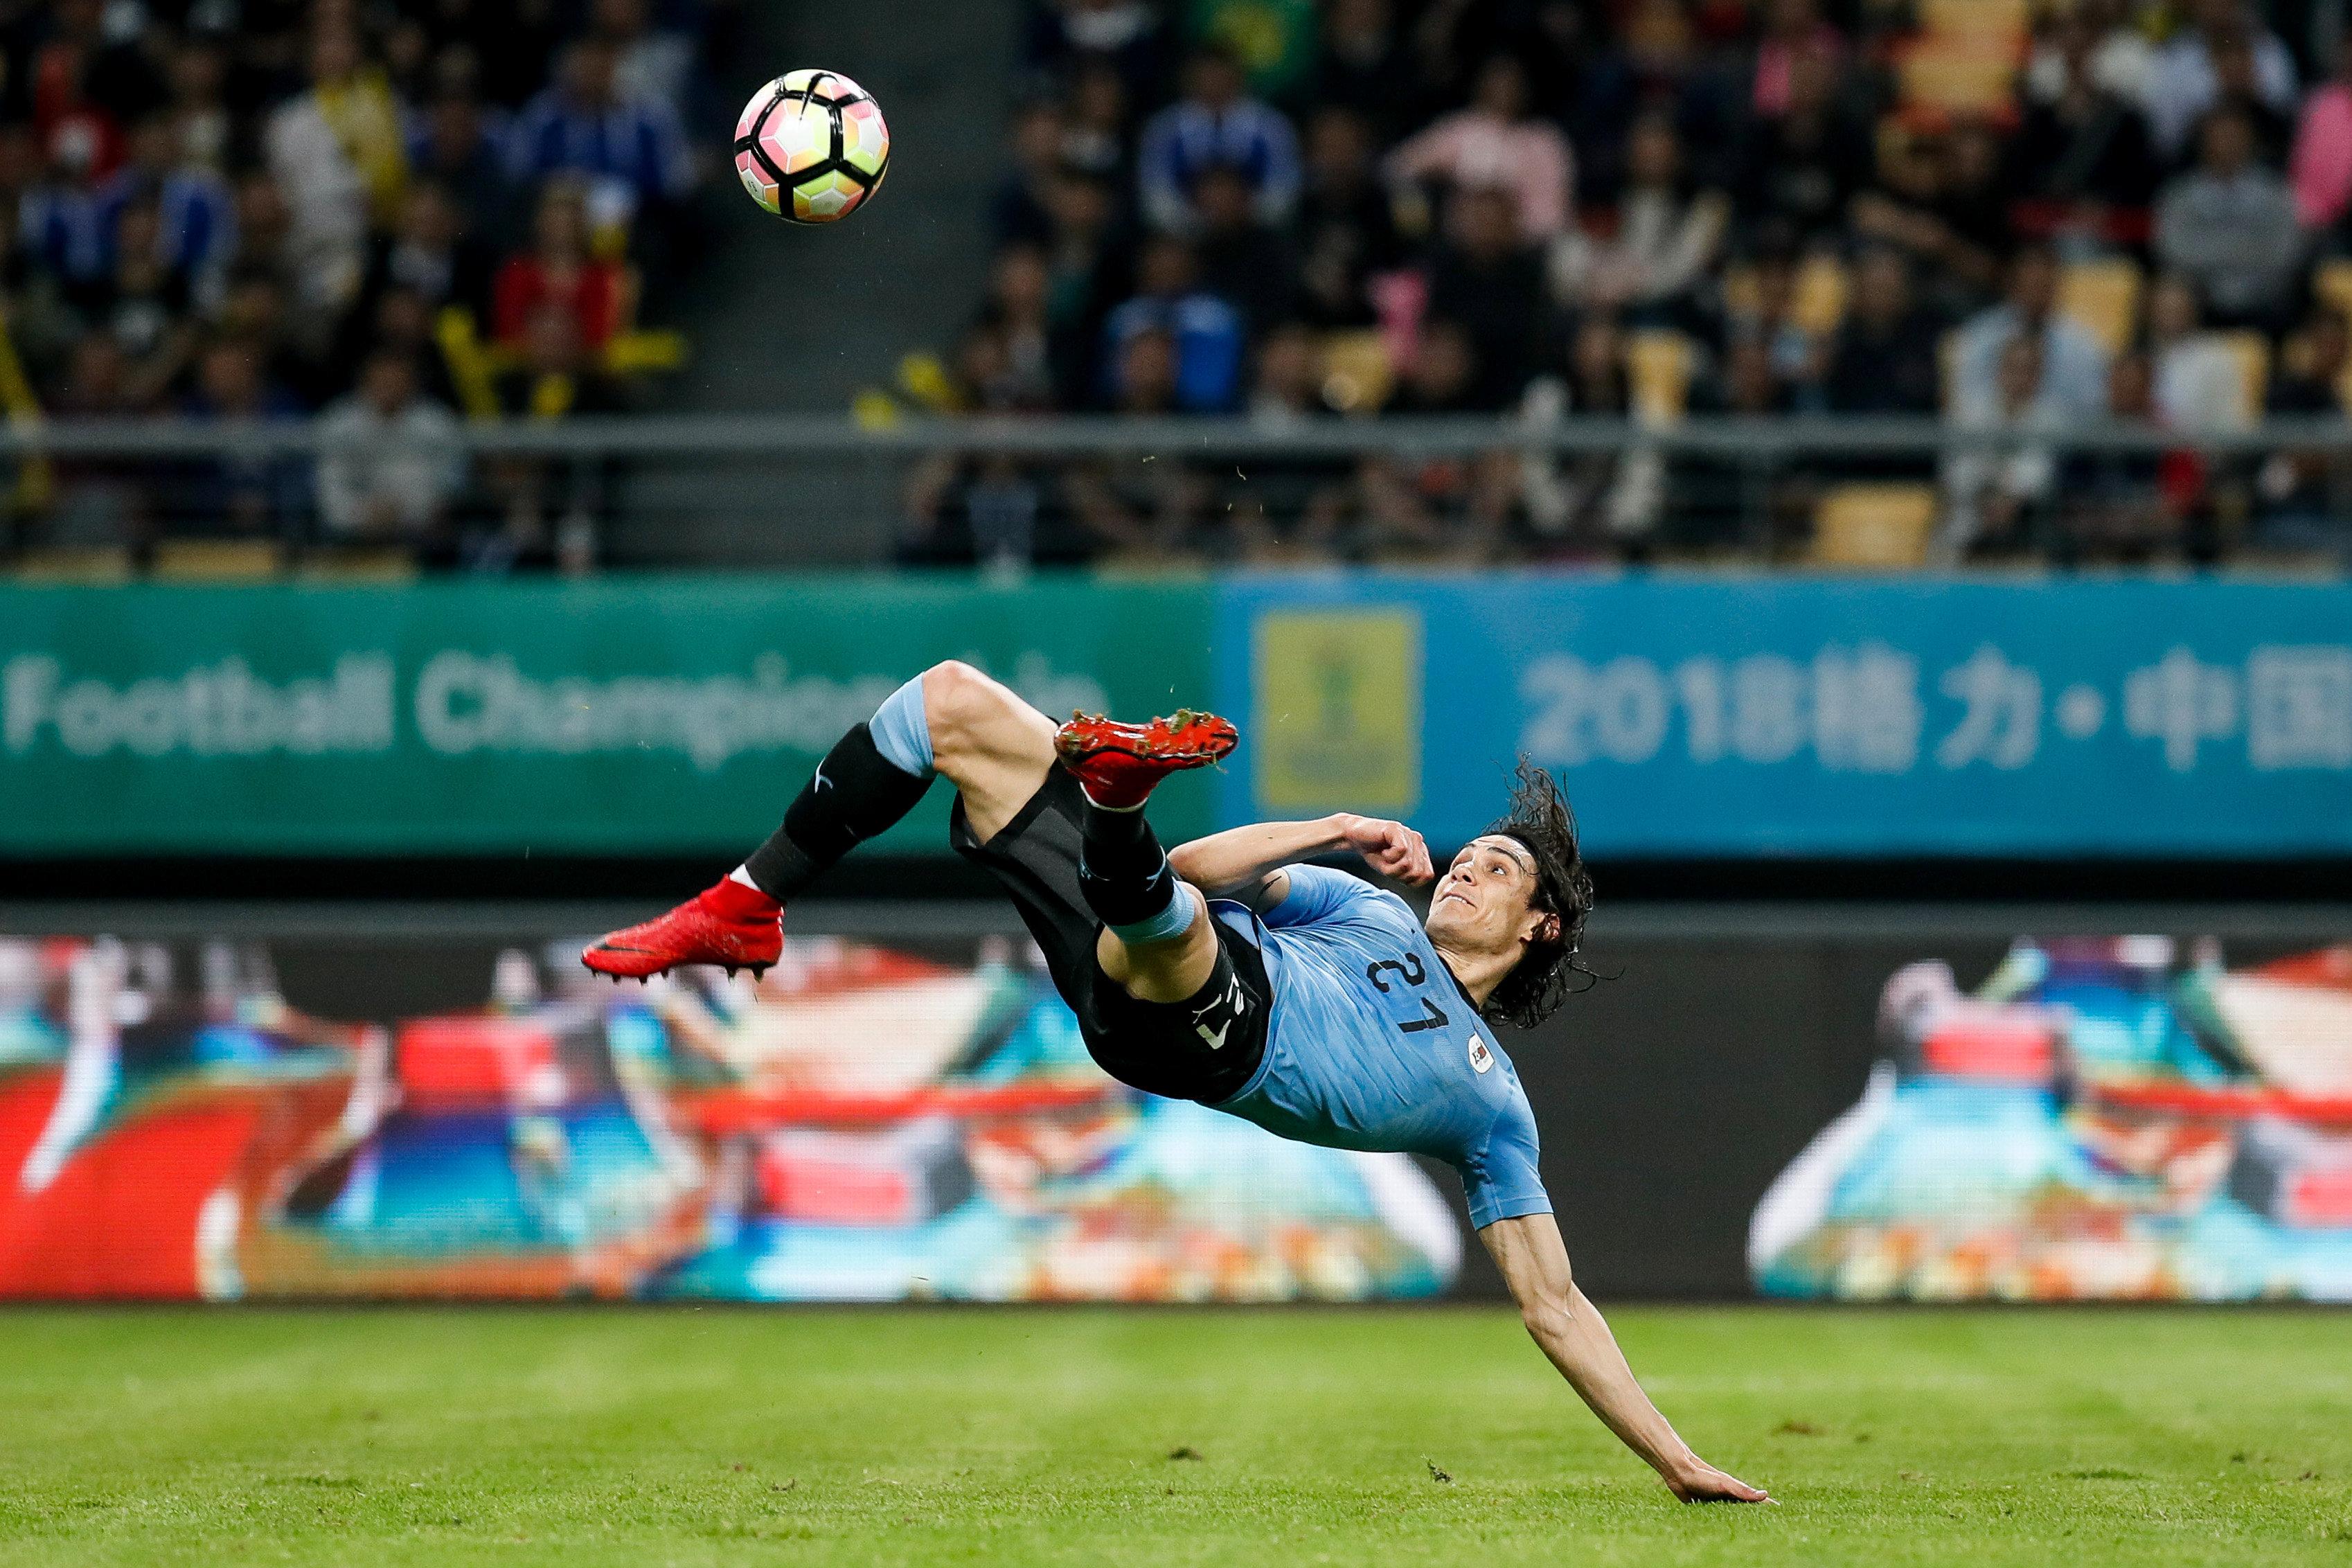 Football - Le but fantastique d'Edinson Cavani avec l'Uruguay (vidéo)